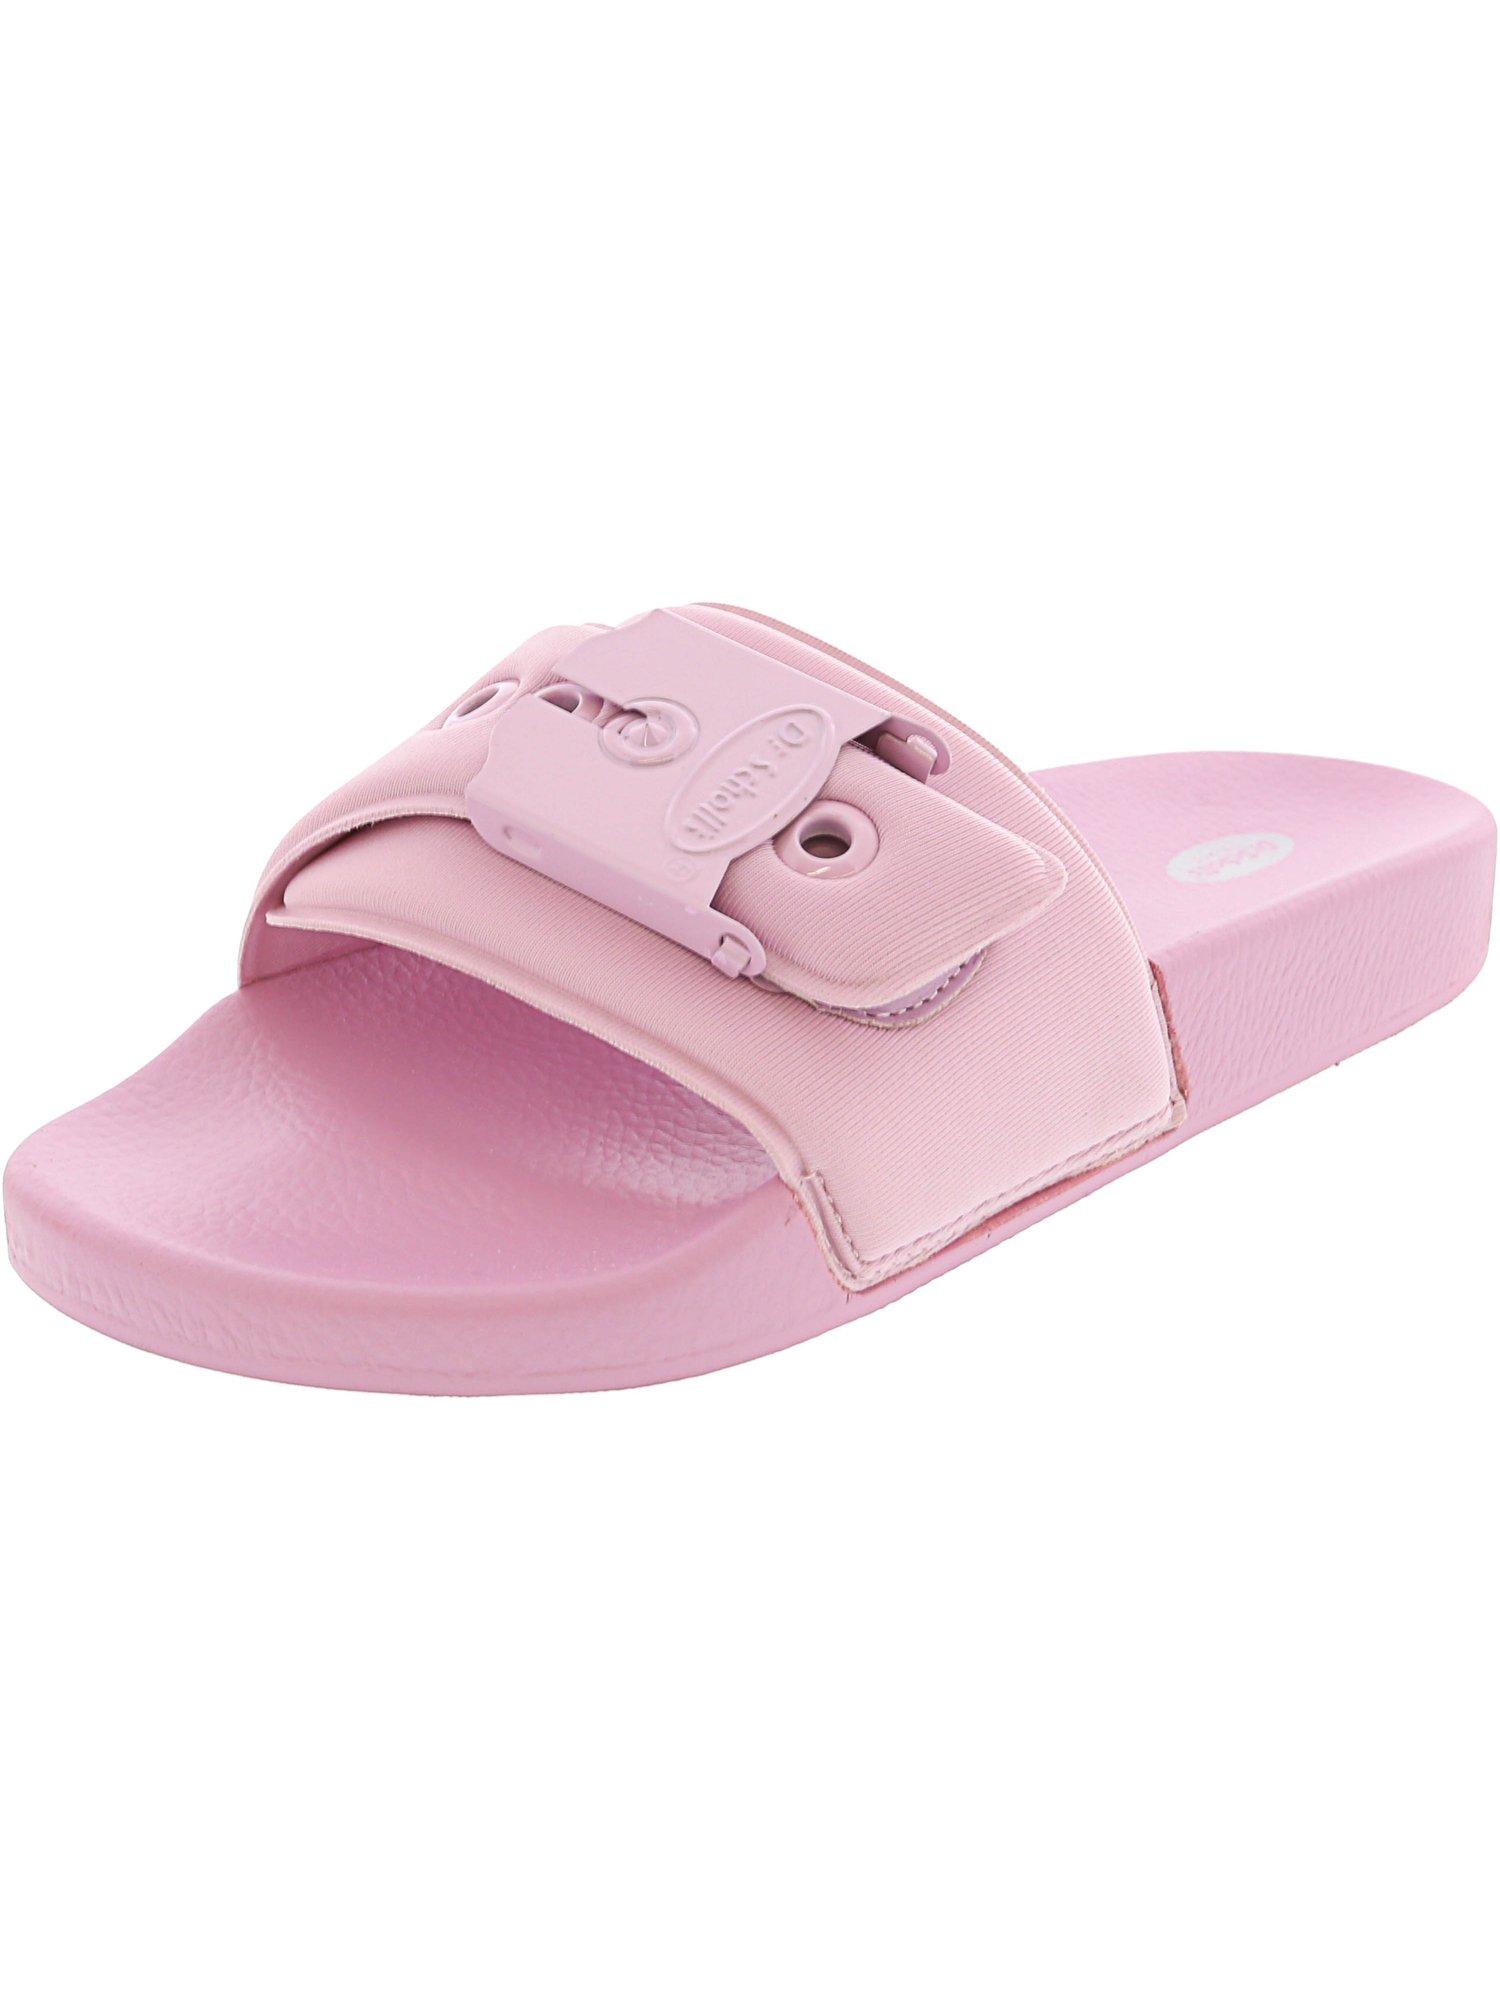 Scholl/'s Shoes Womens OG Poolslide Open Toe Casual Slide Sandals Dr